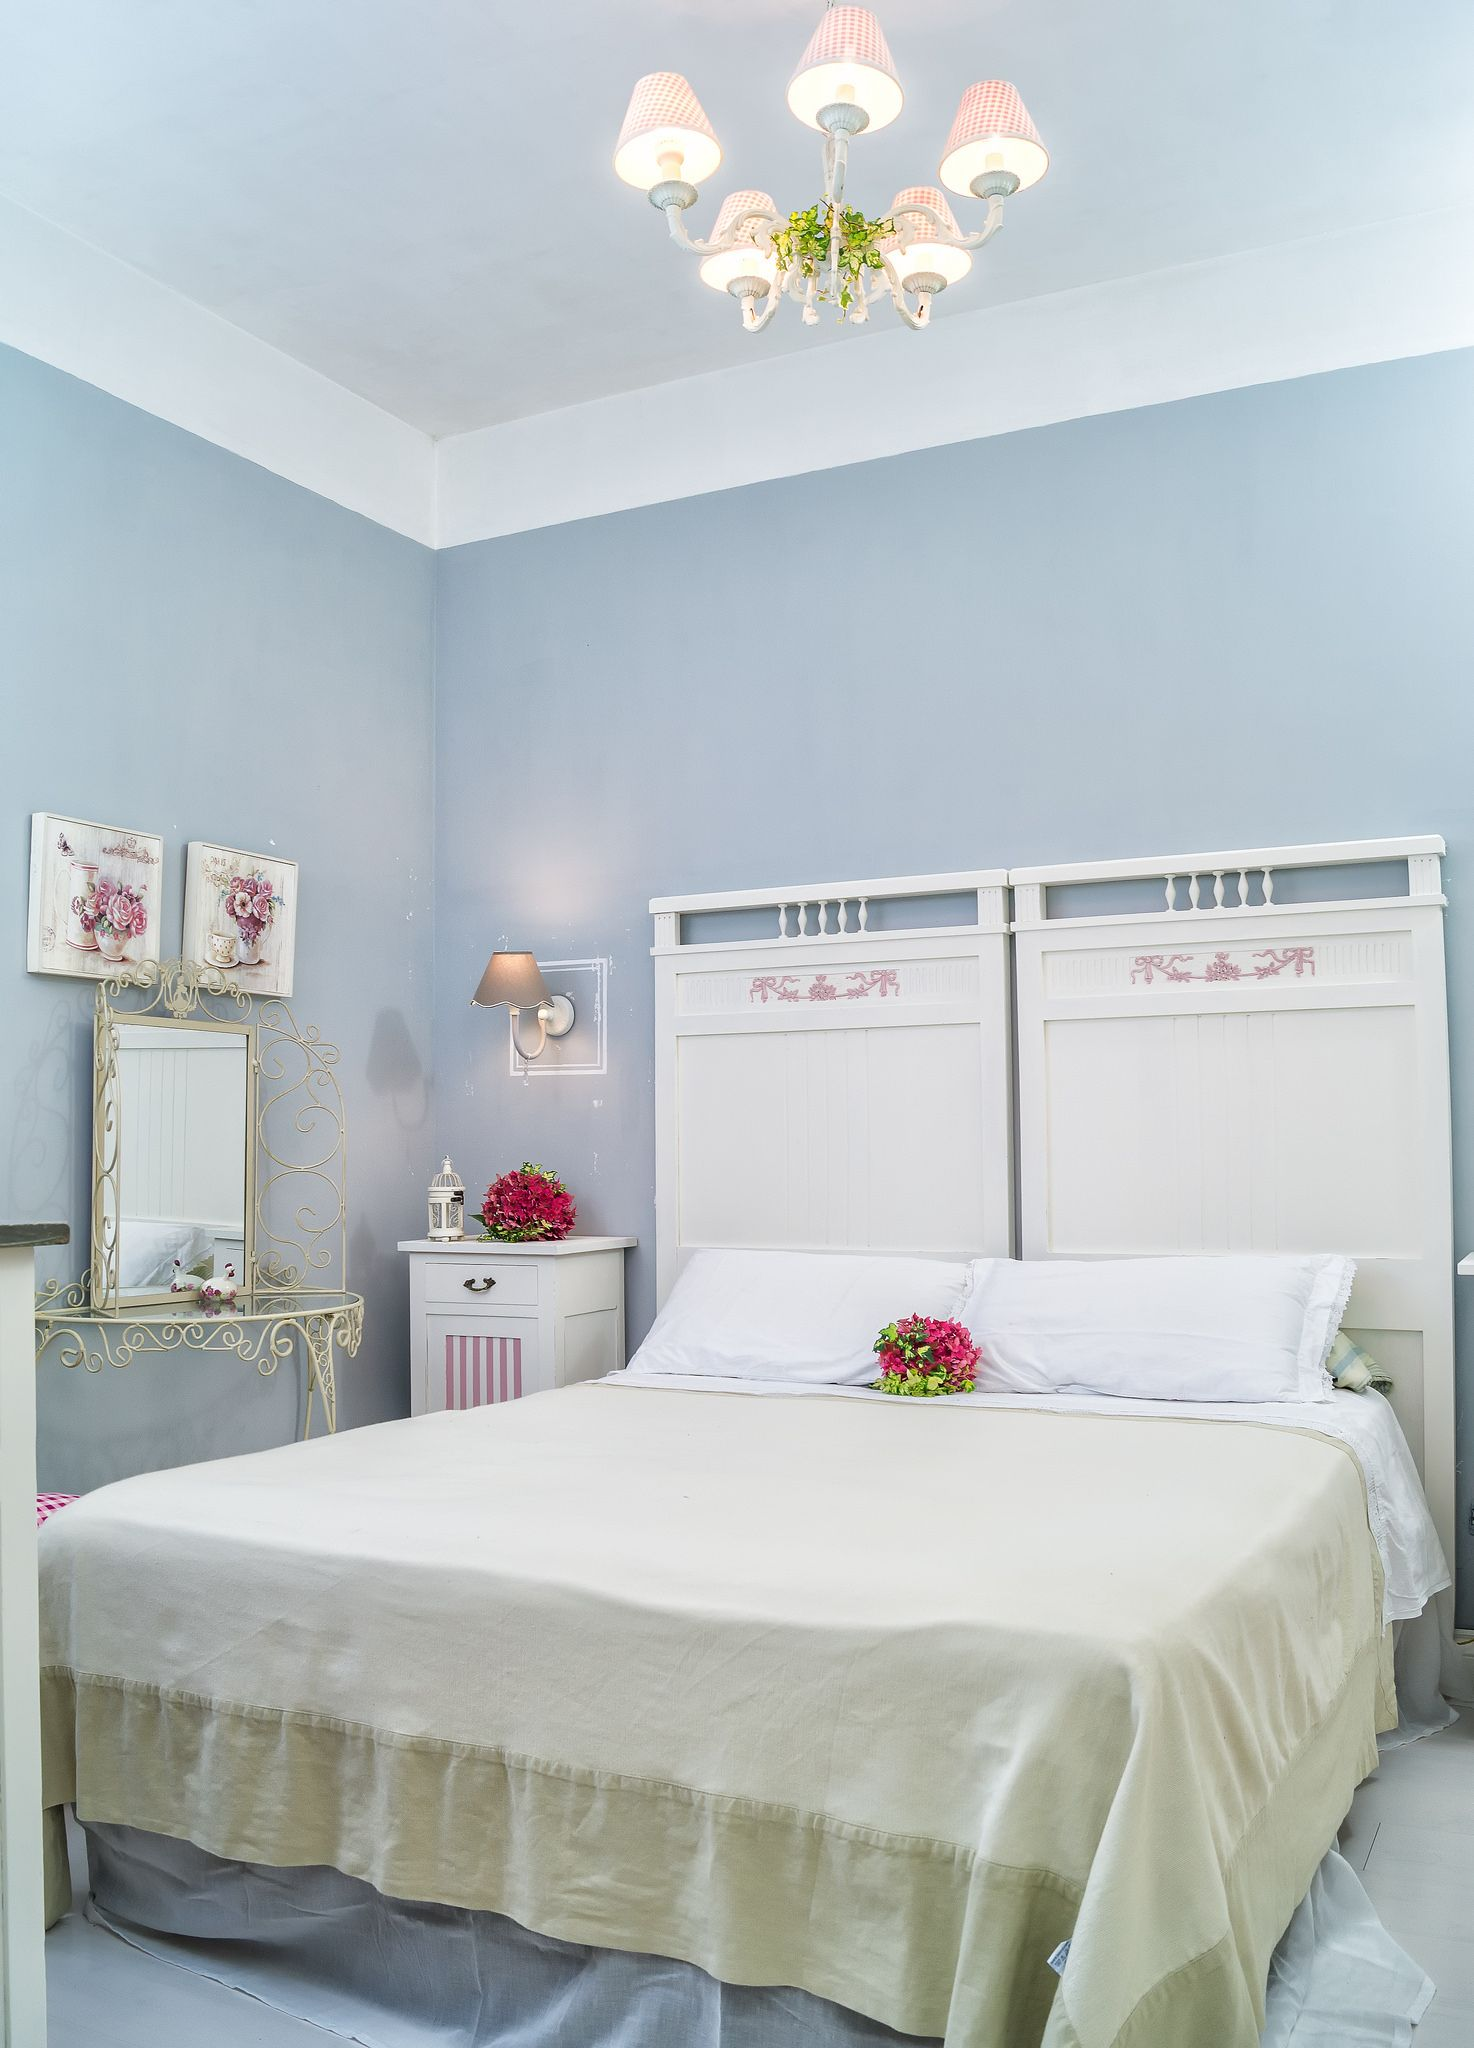 Camera da letto Shabby Chic | Arredamento Shabby Chic decorato a ...